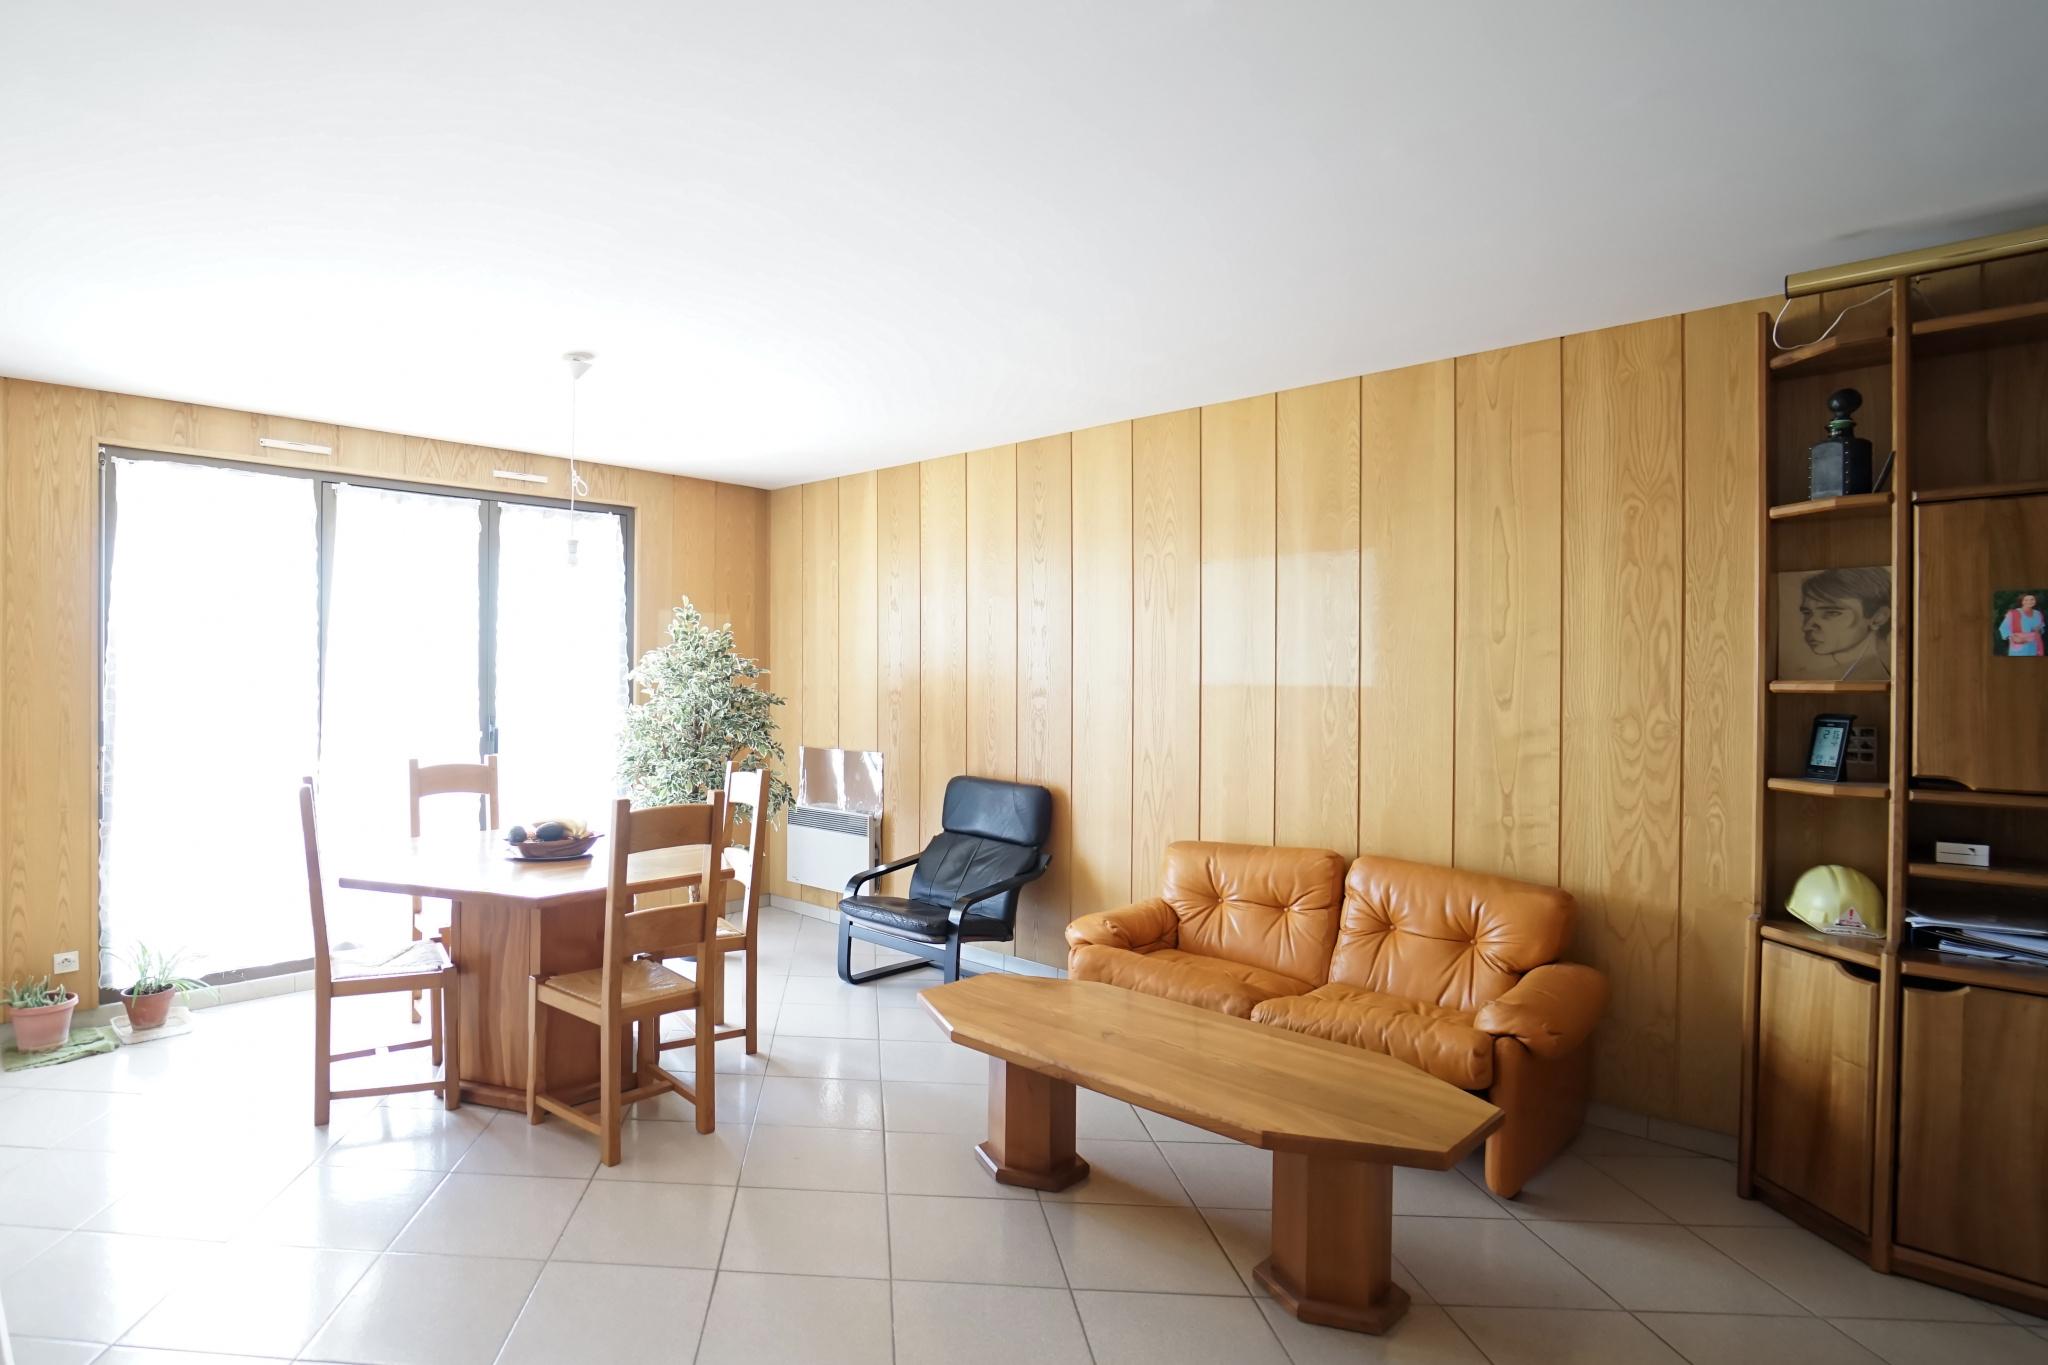 Location beau t3 meubl ferney voltaire - Meuble voltaire ...